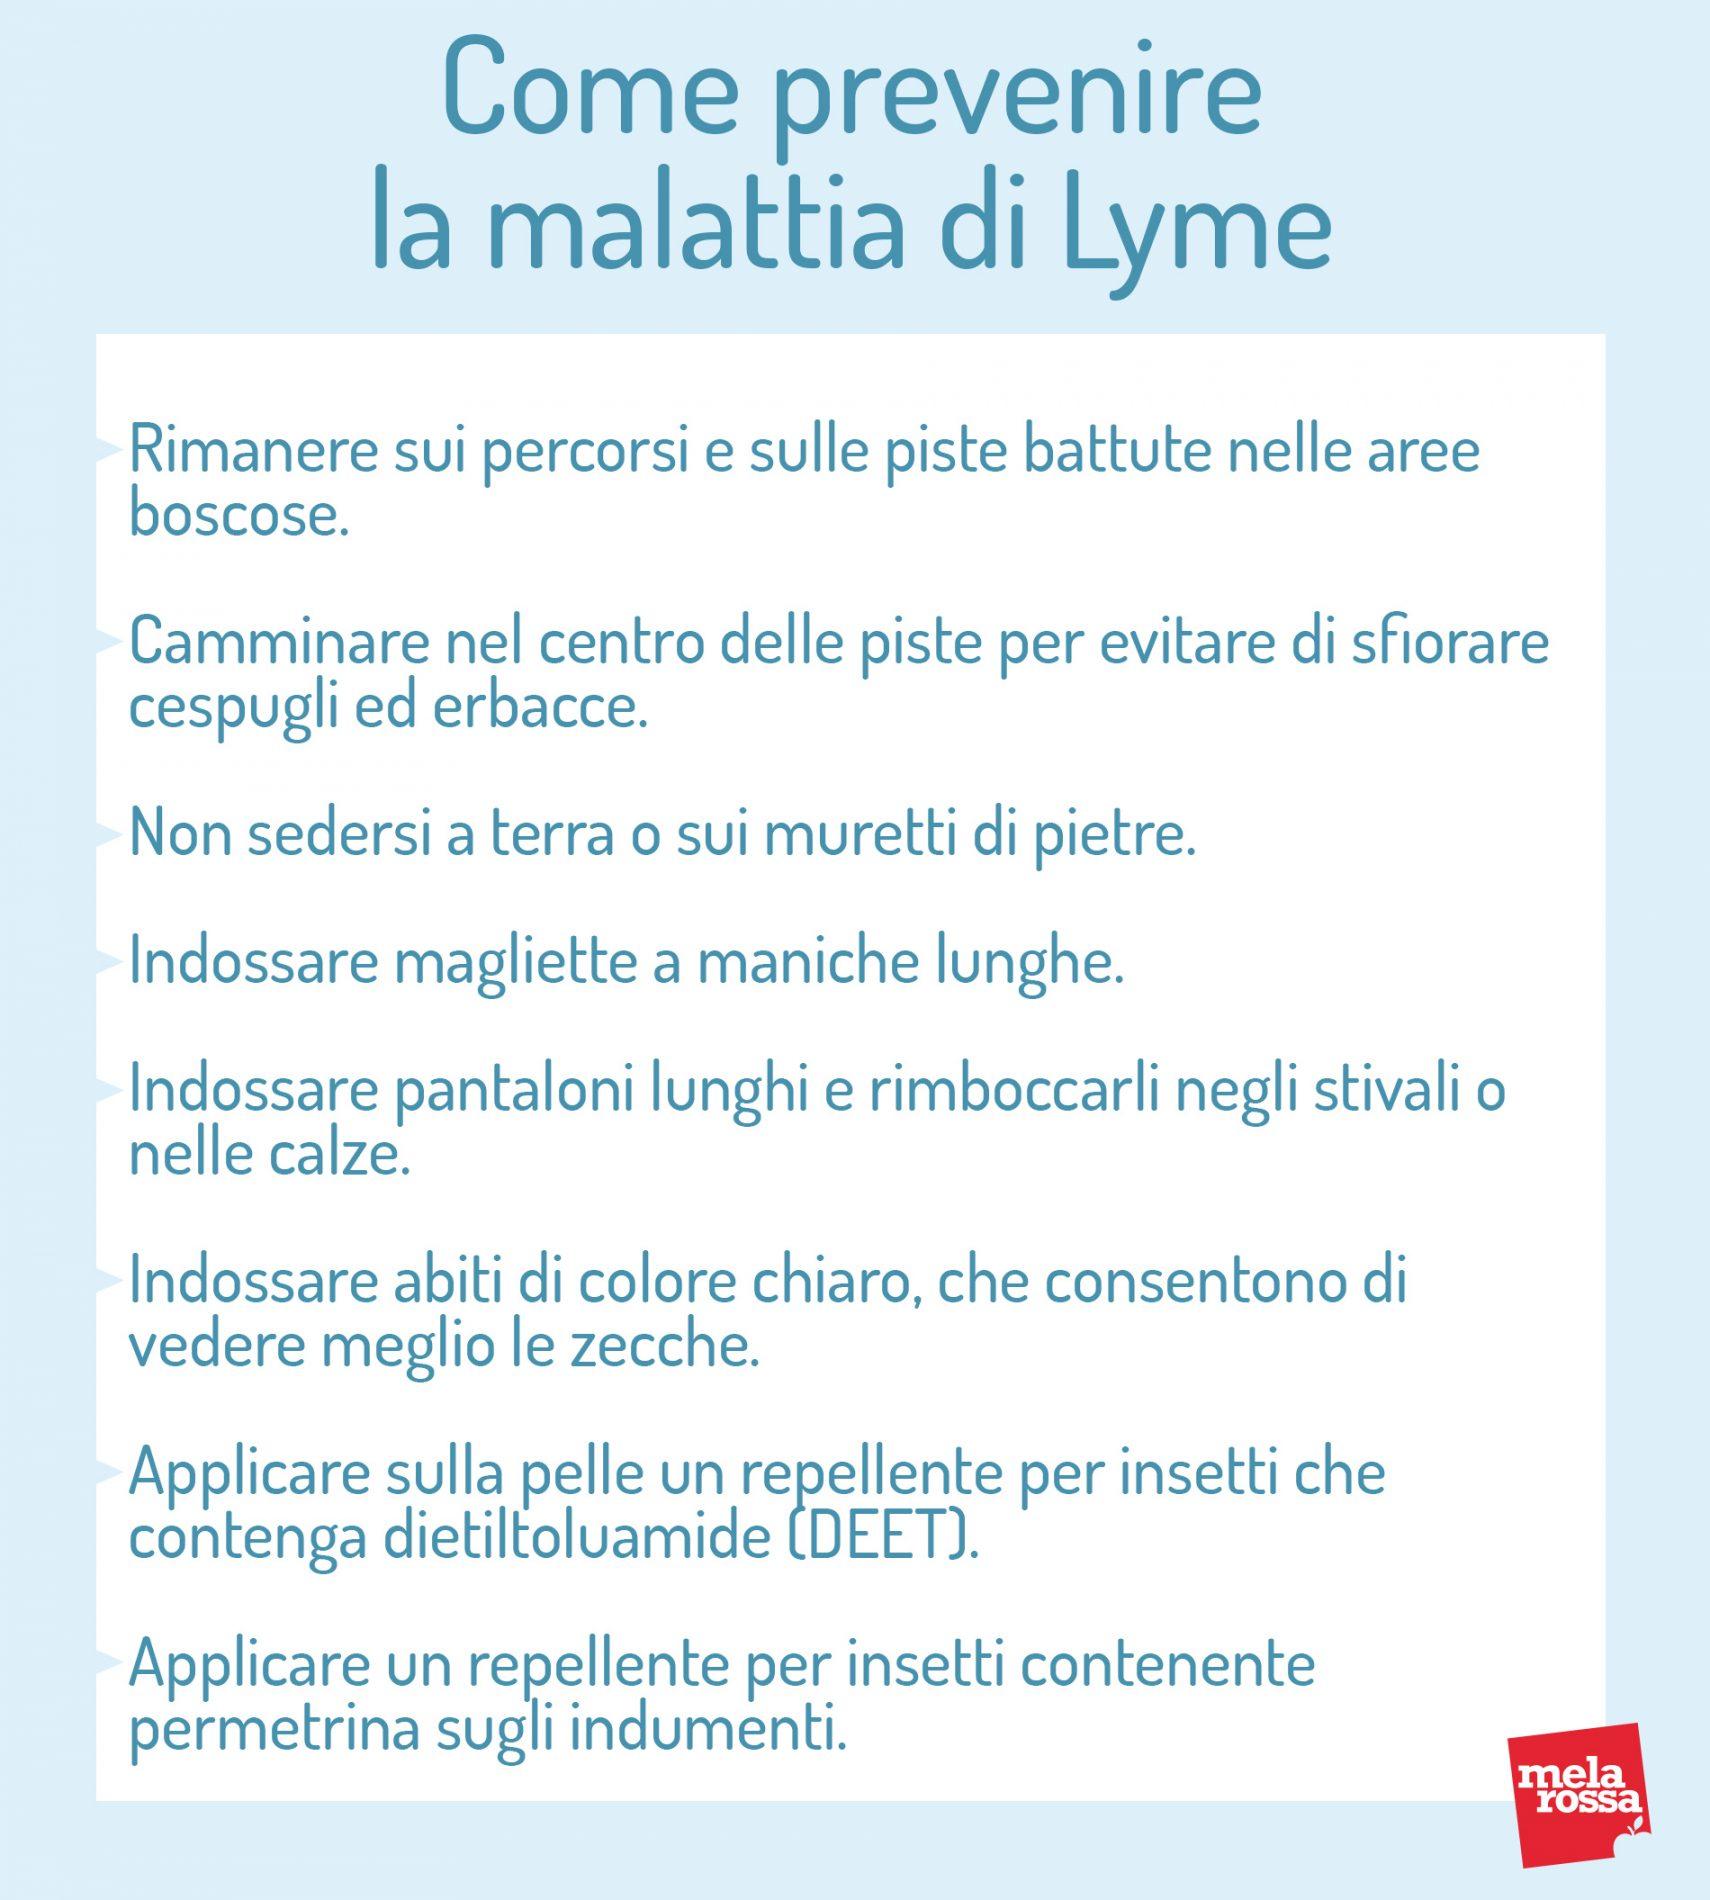 come prevenire la malattia di Lyme: comportamenti